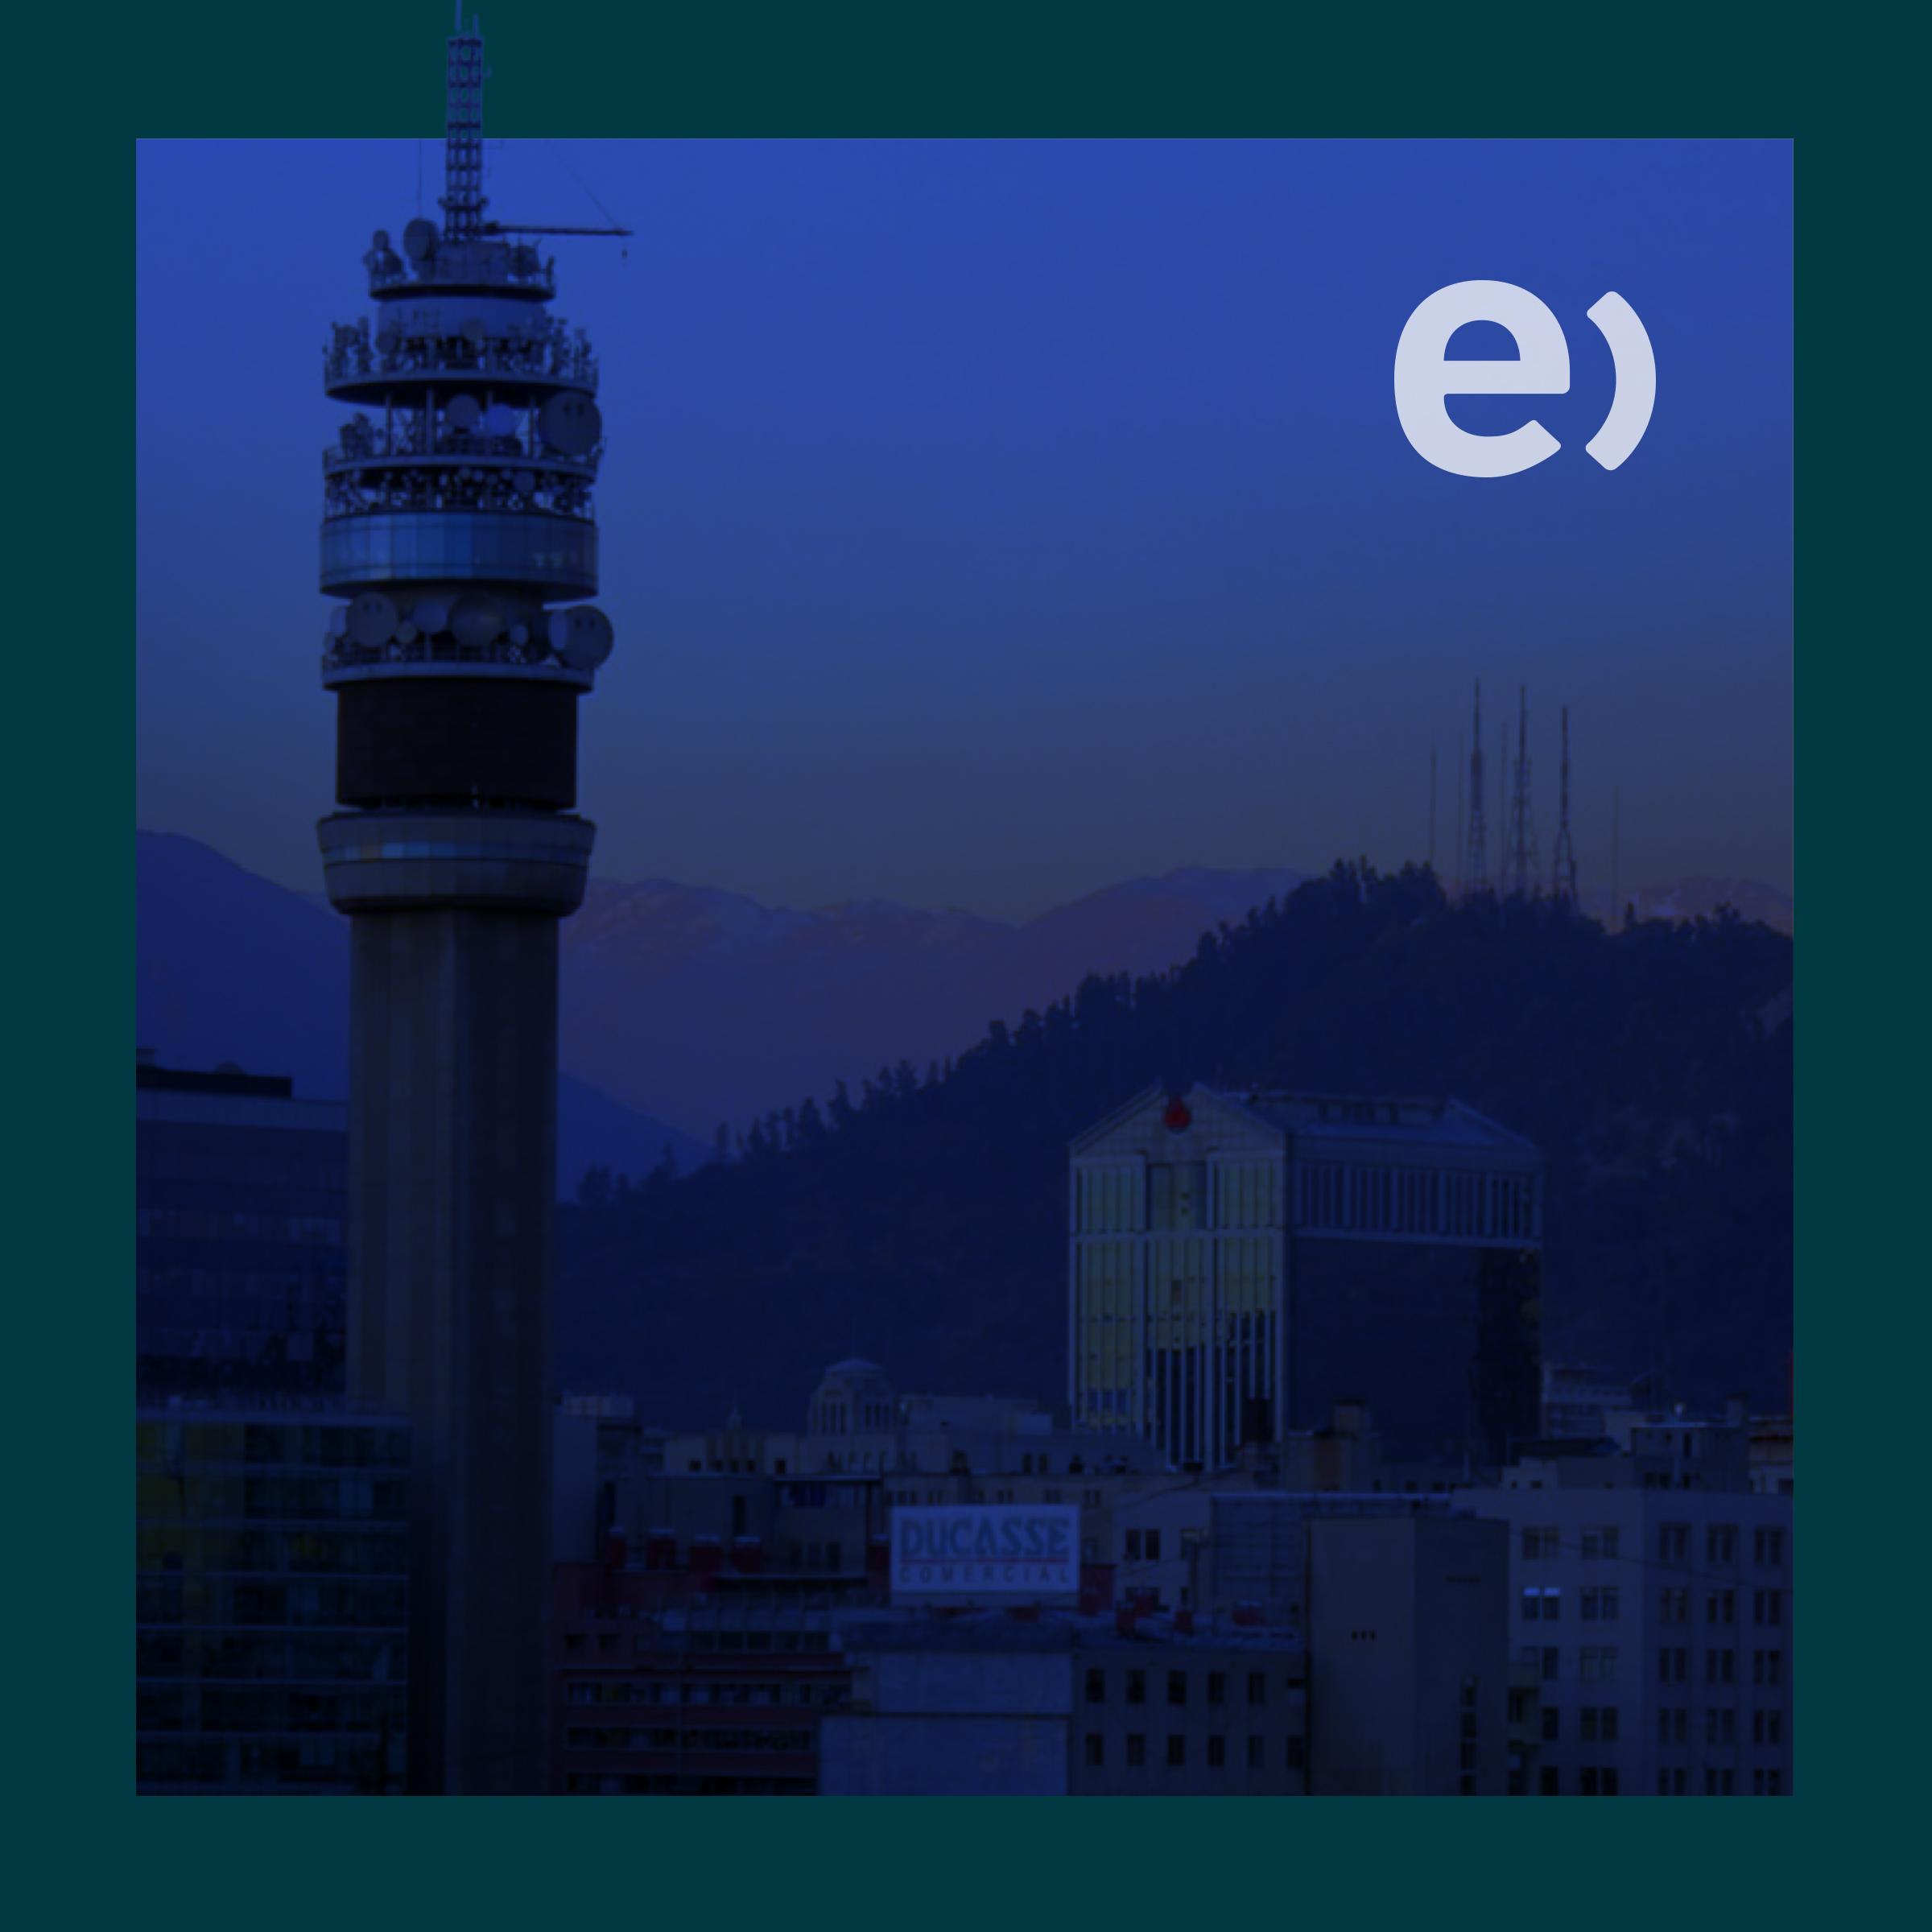 h_entel-logo